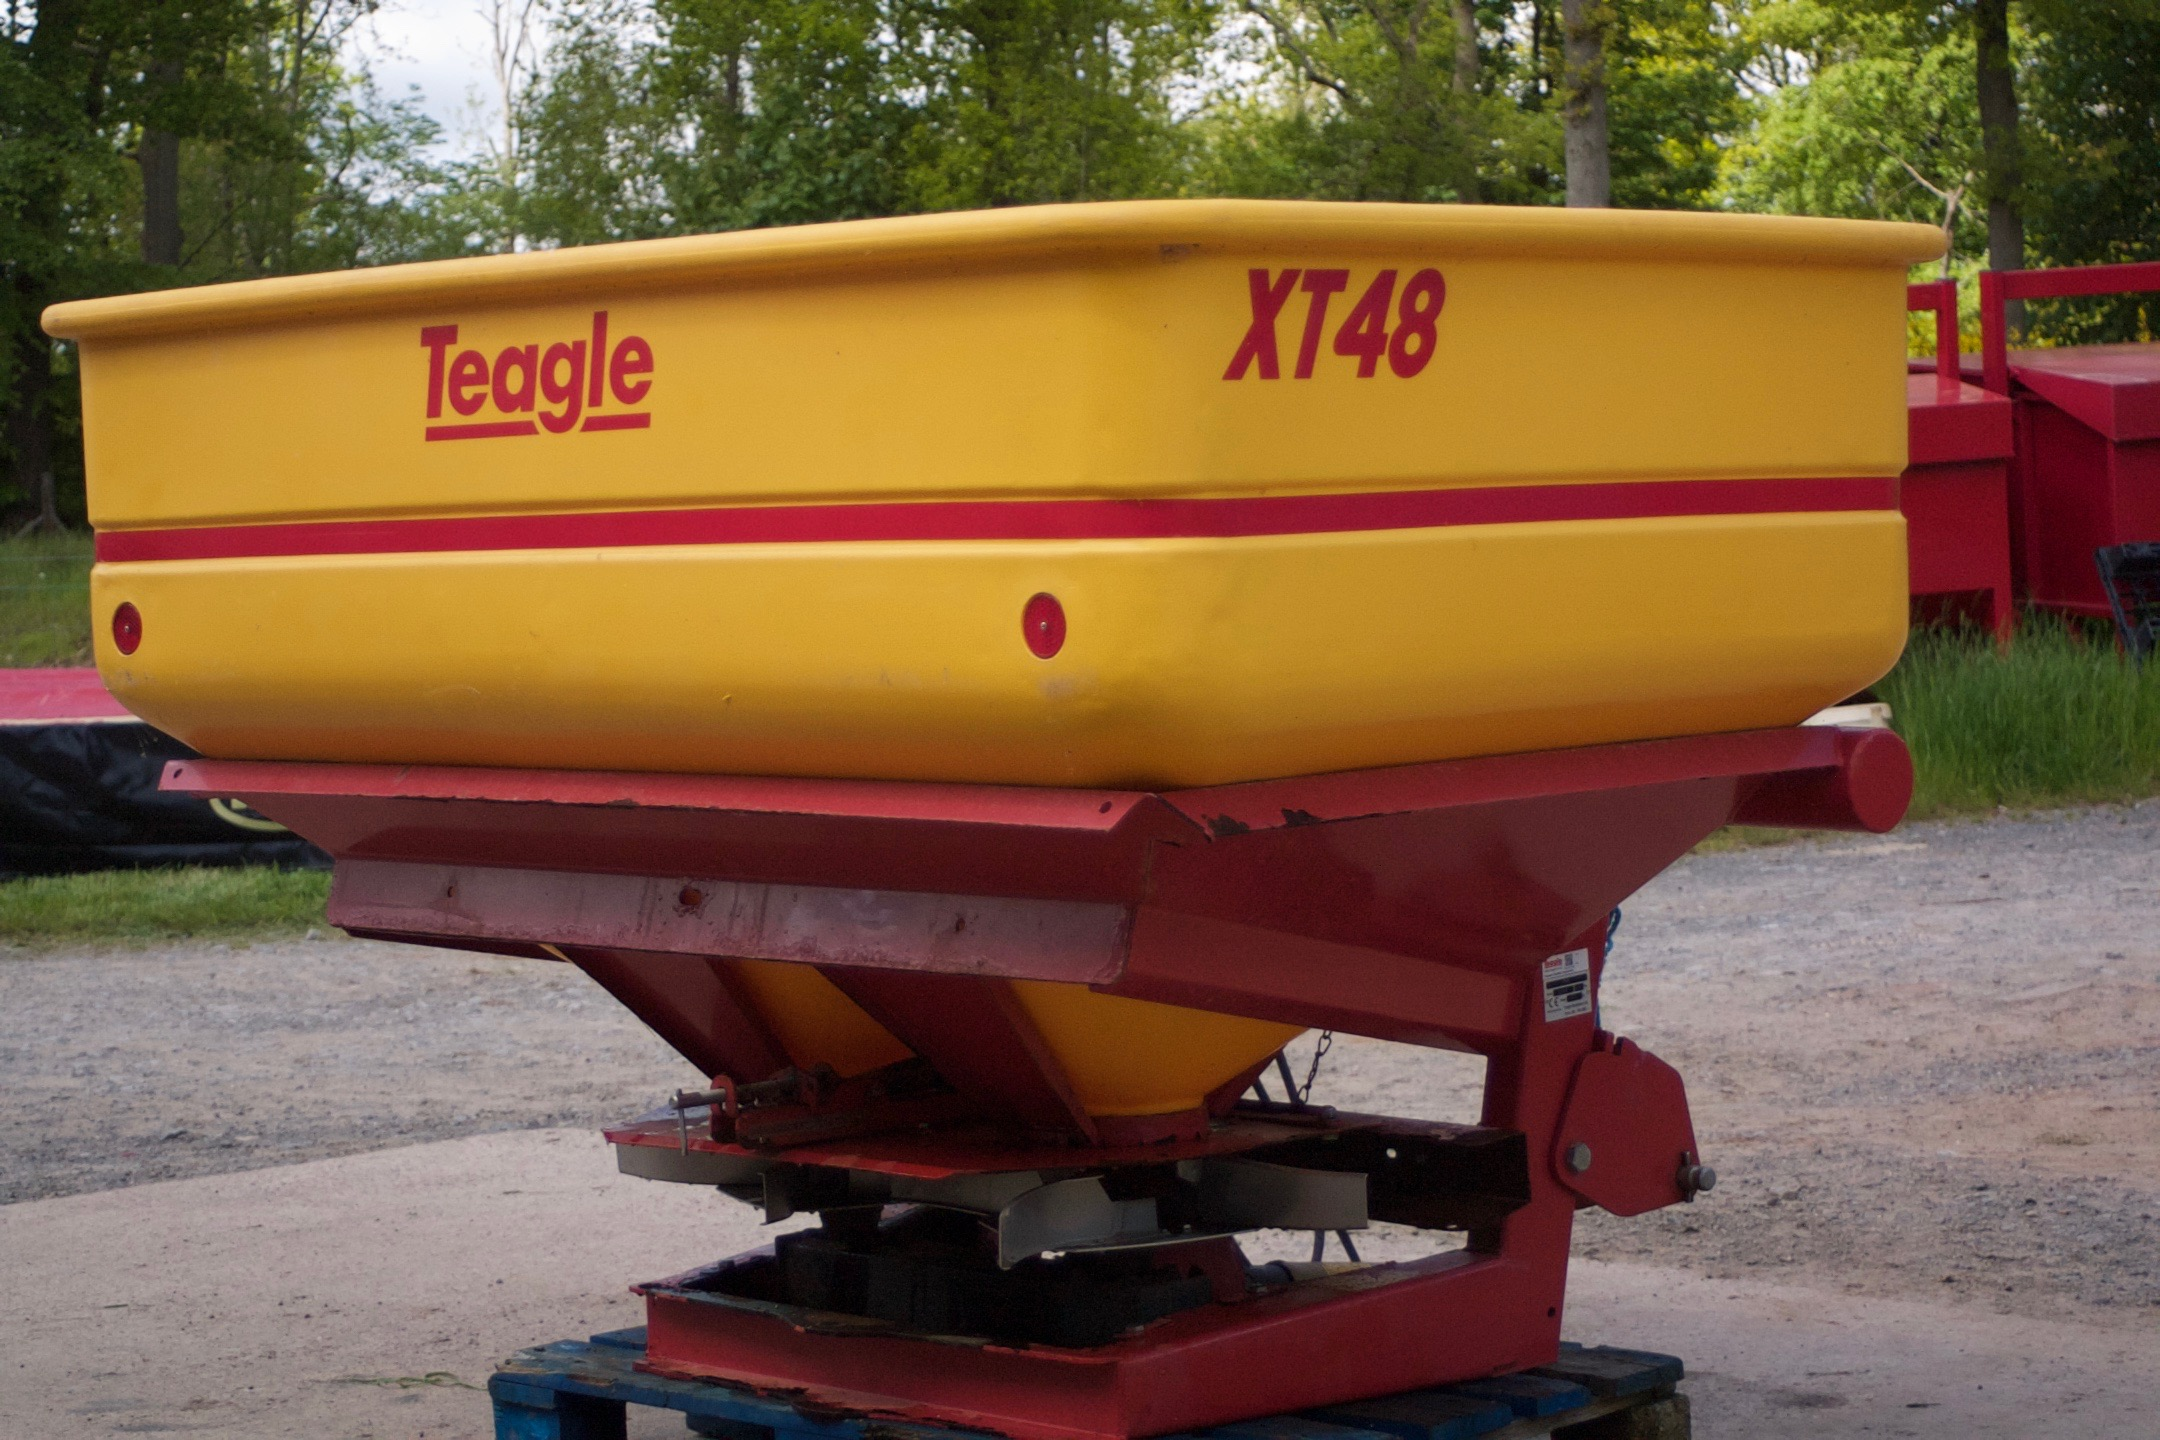 Teagle XT48 Used for Sale